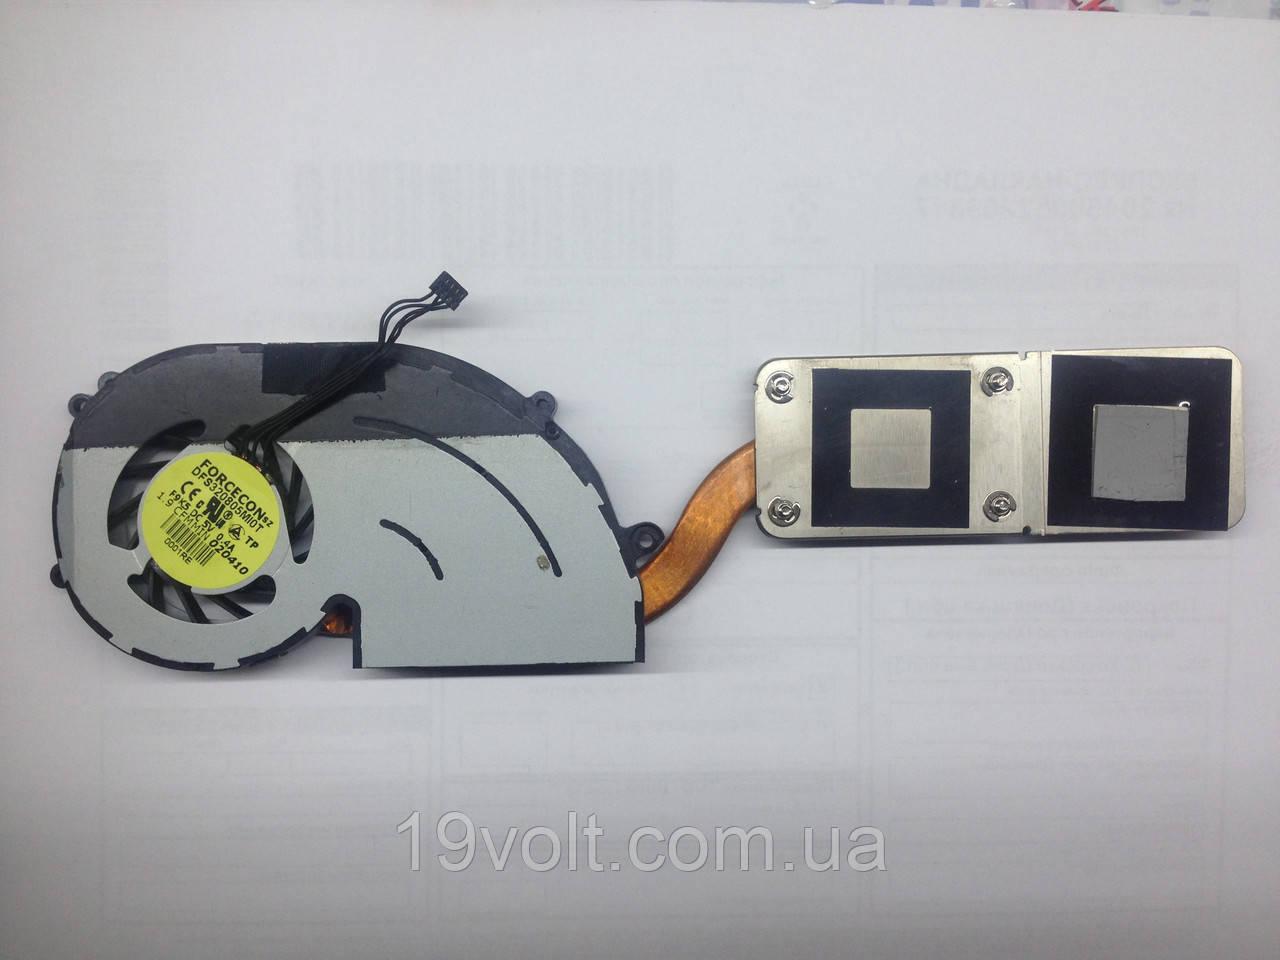 Система охлаждения DELL Vostro V13 V13TL